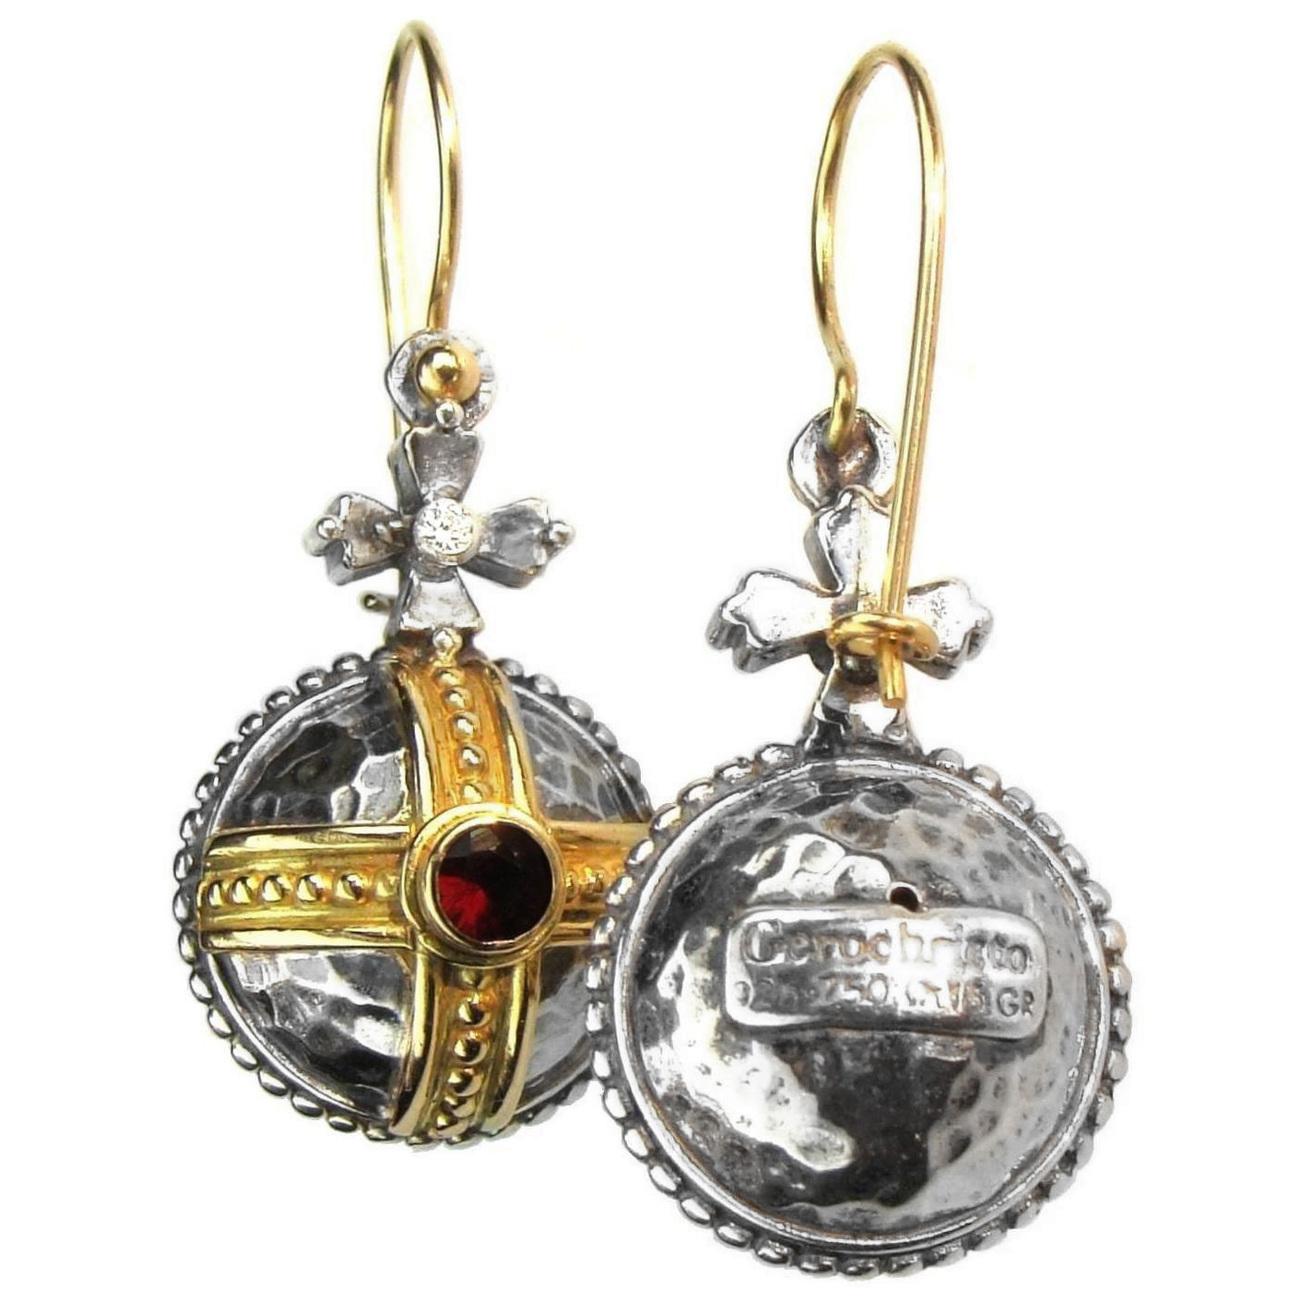 02003063 gerochristo 3063 silver gold byzantine medieval earrings 8